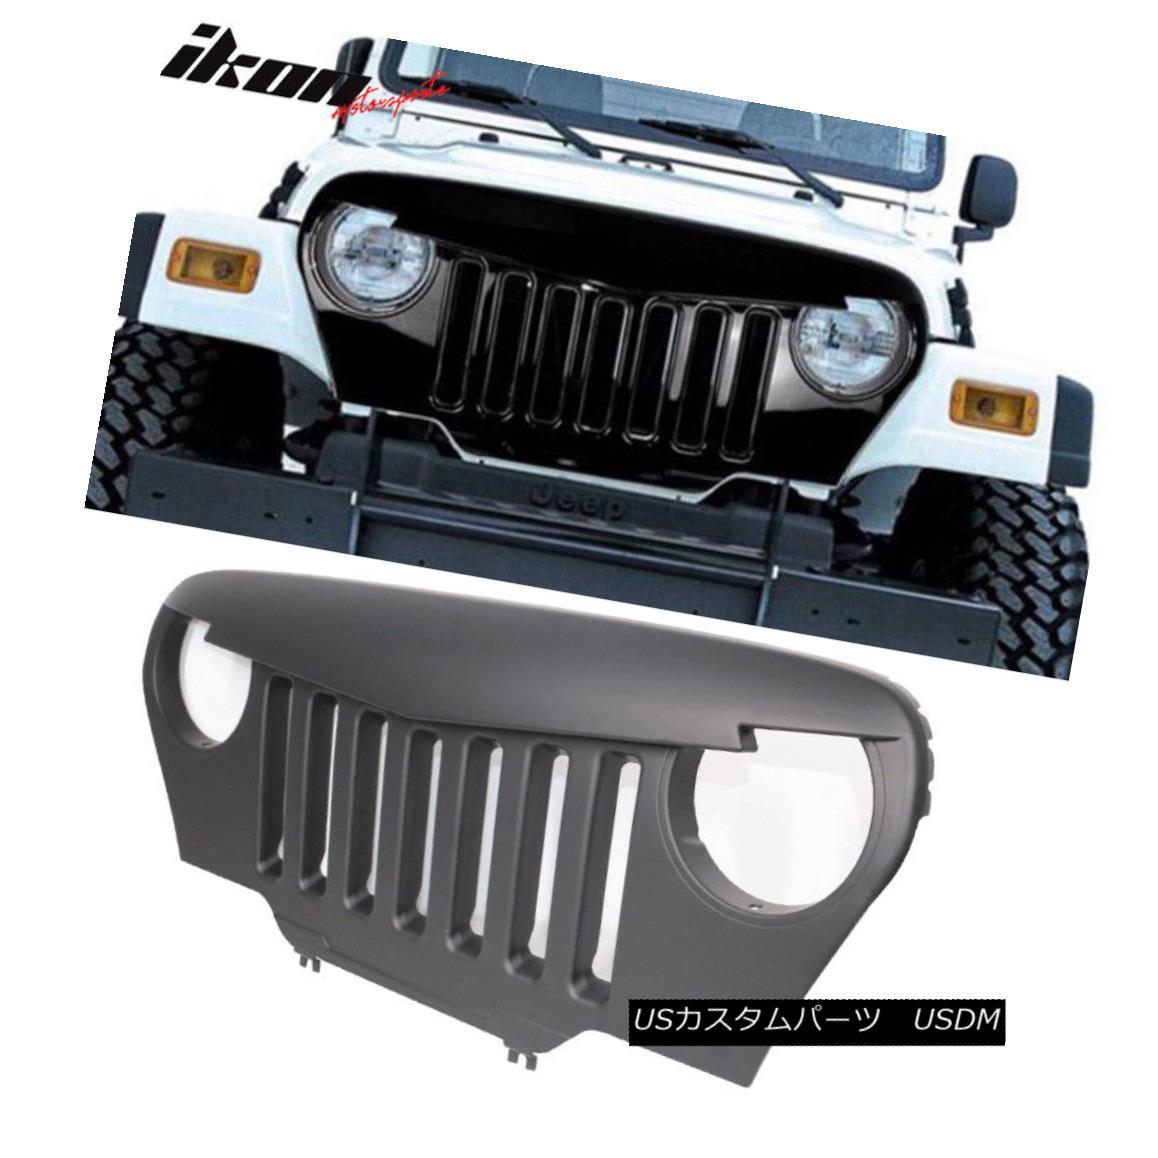 グリル Fits 97-06 Jeep Wrangler TJ V1 Style Angry Bird Front Hood Grille - ABS フィット97-06ジープラングラーTJ V1スタイル怒っている鳥フロントフードグリル - ABS